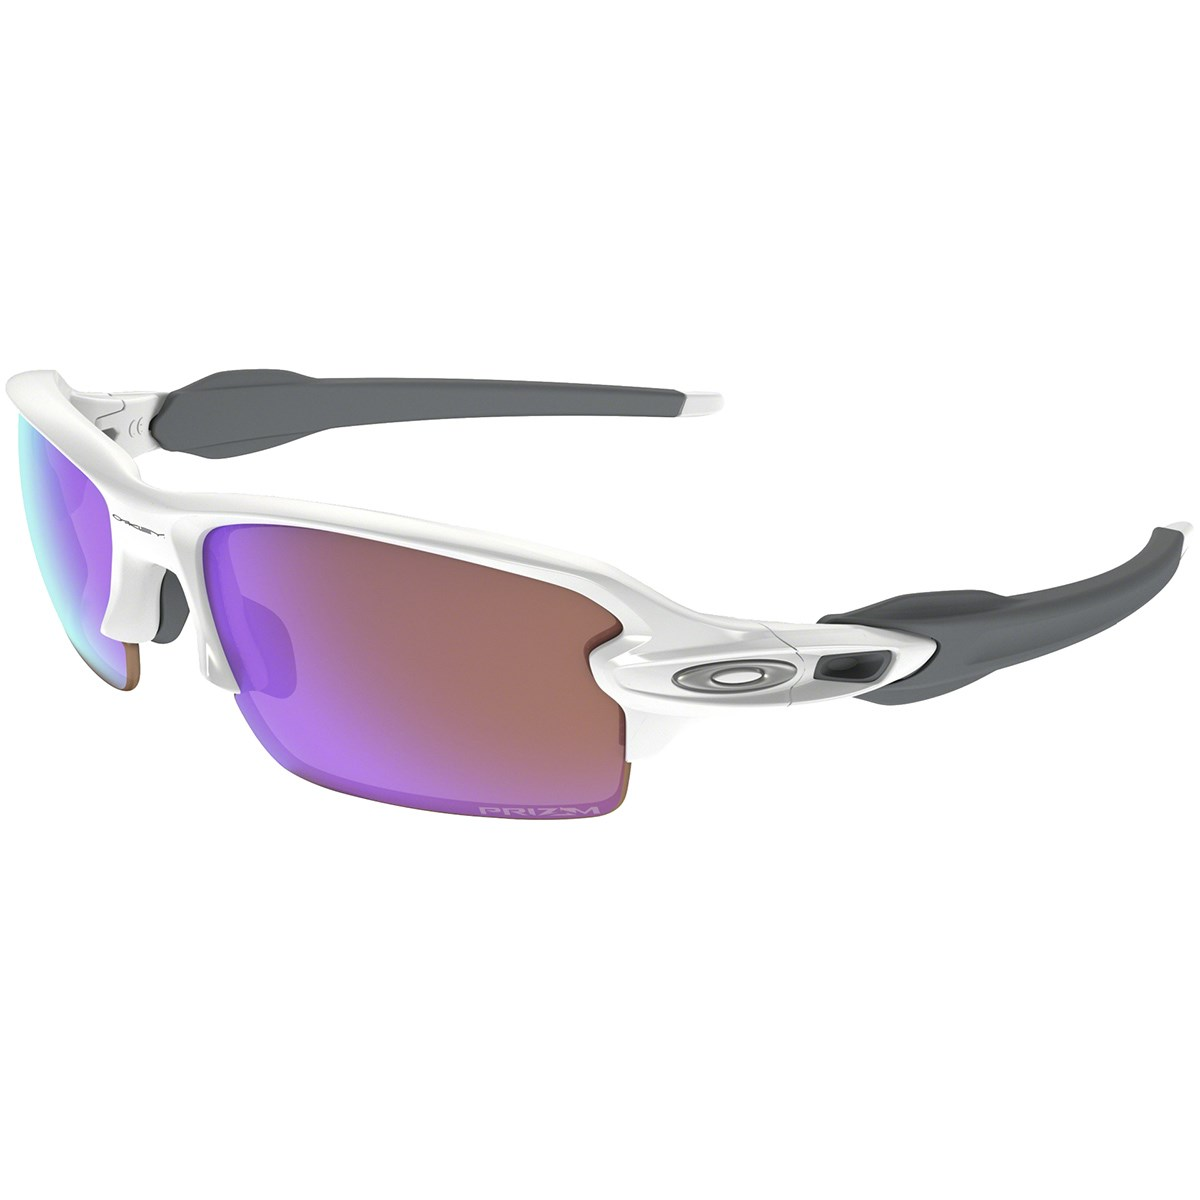 オークリー OAKLEY Flak2.0(Asia Fit) ゴルフ専用サングラス ポリッシュドホワイト OO9271-1061